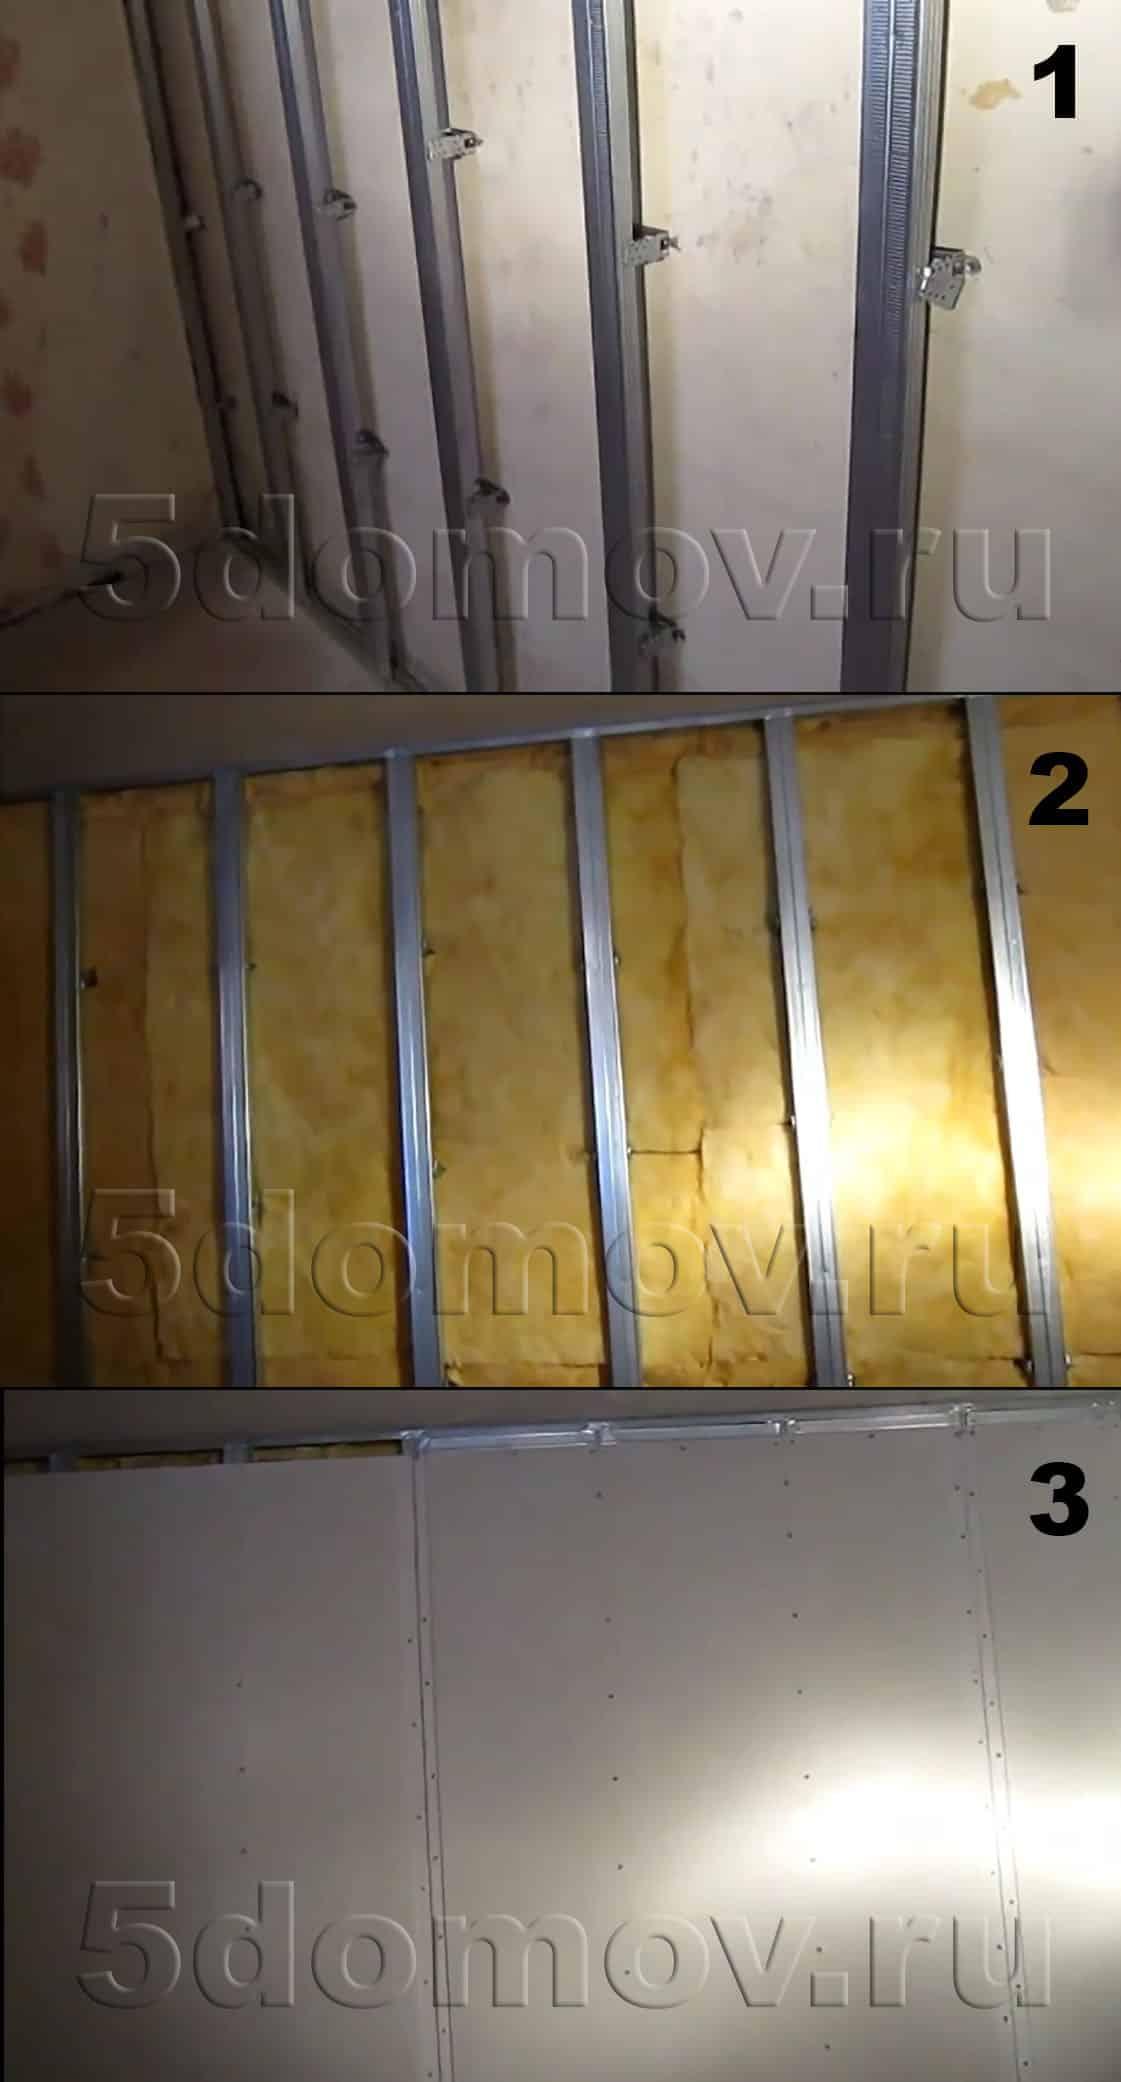 Монтаж гипсоволокнистых листов (ГВЛ) | Монтаж гипсокартонных перегородок и стен